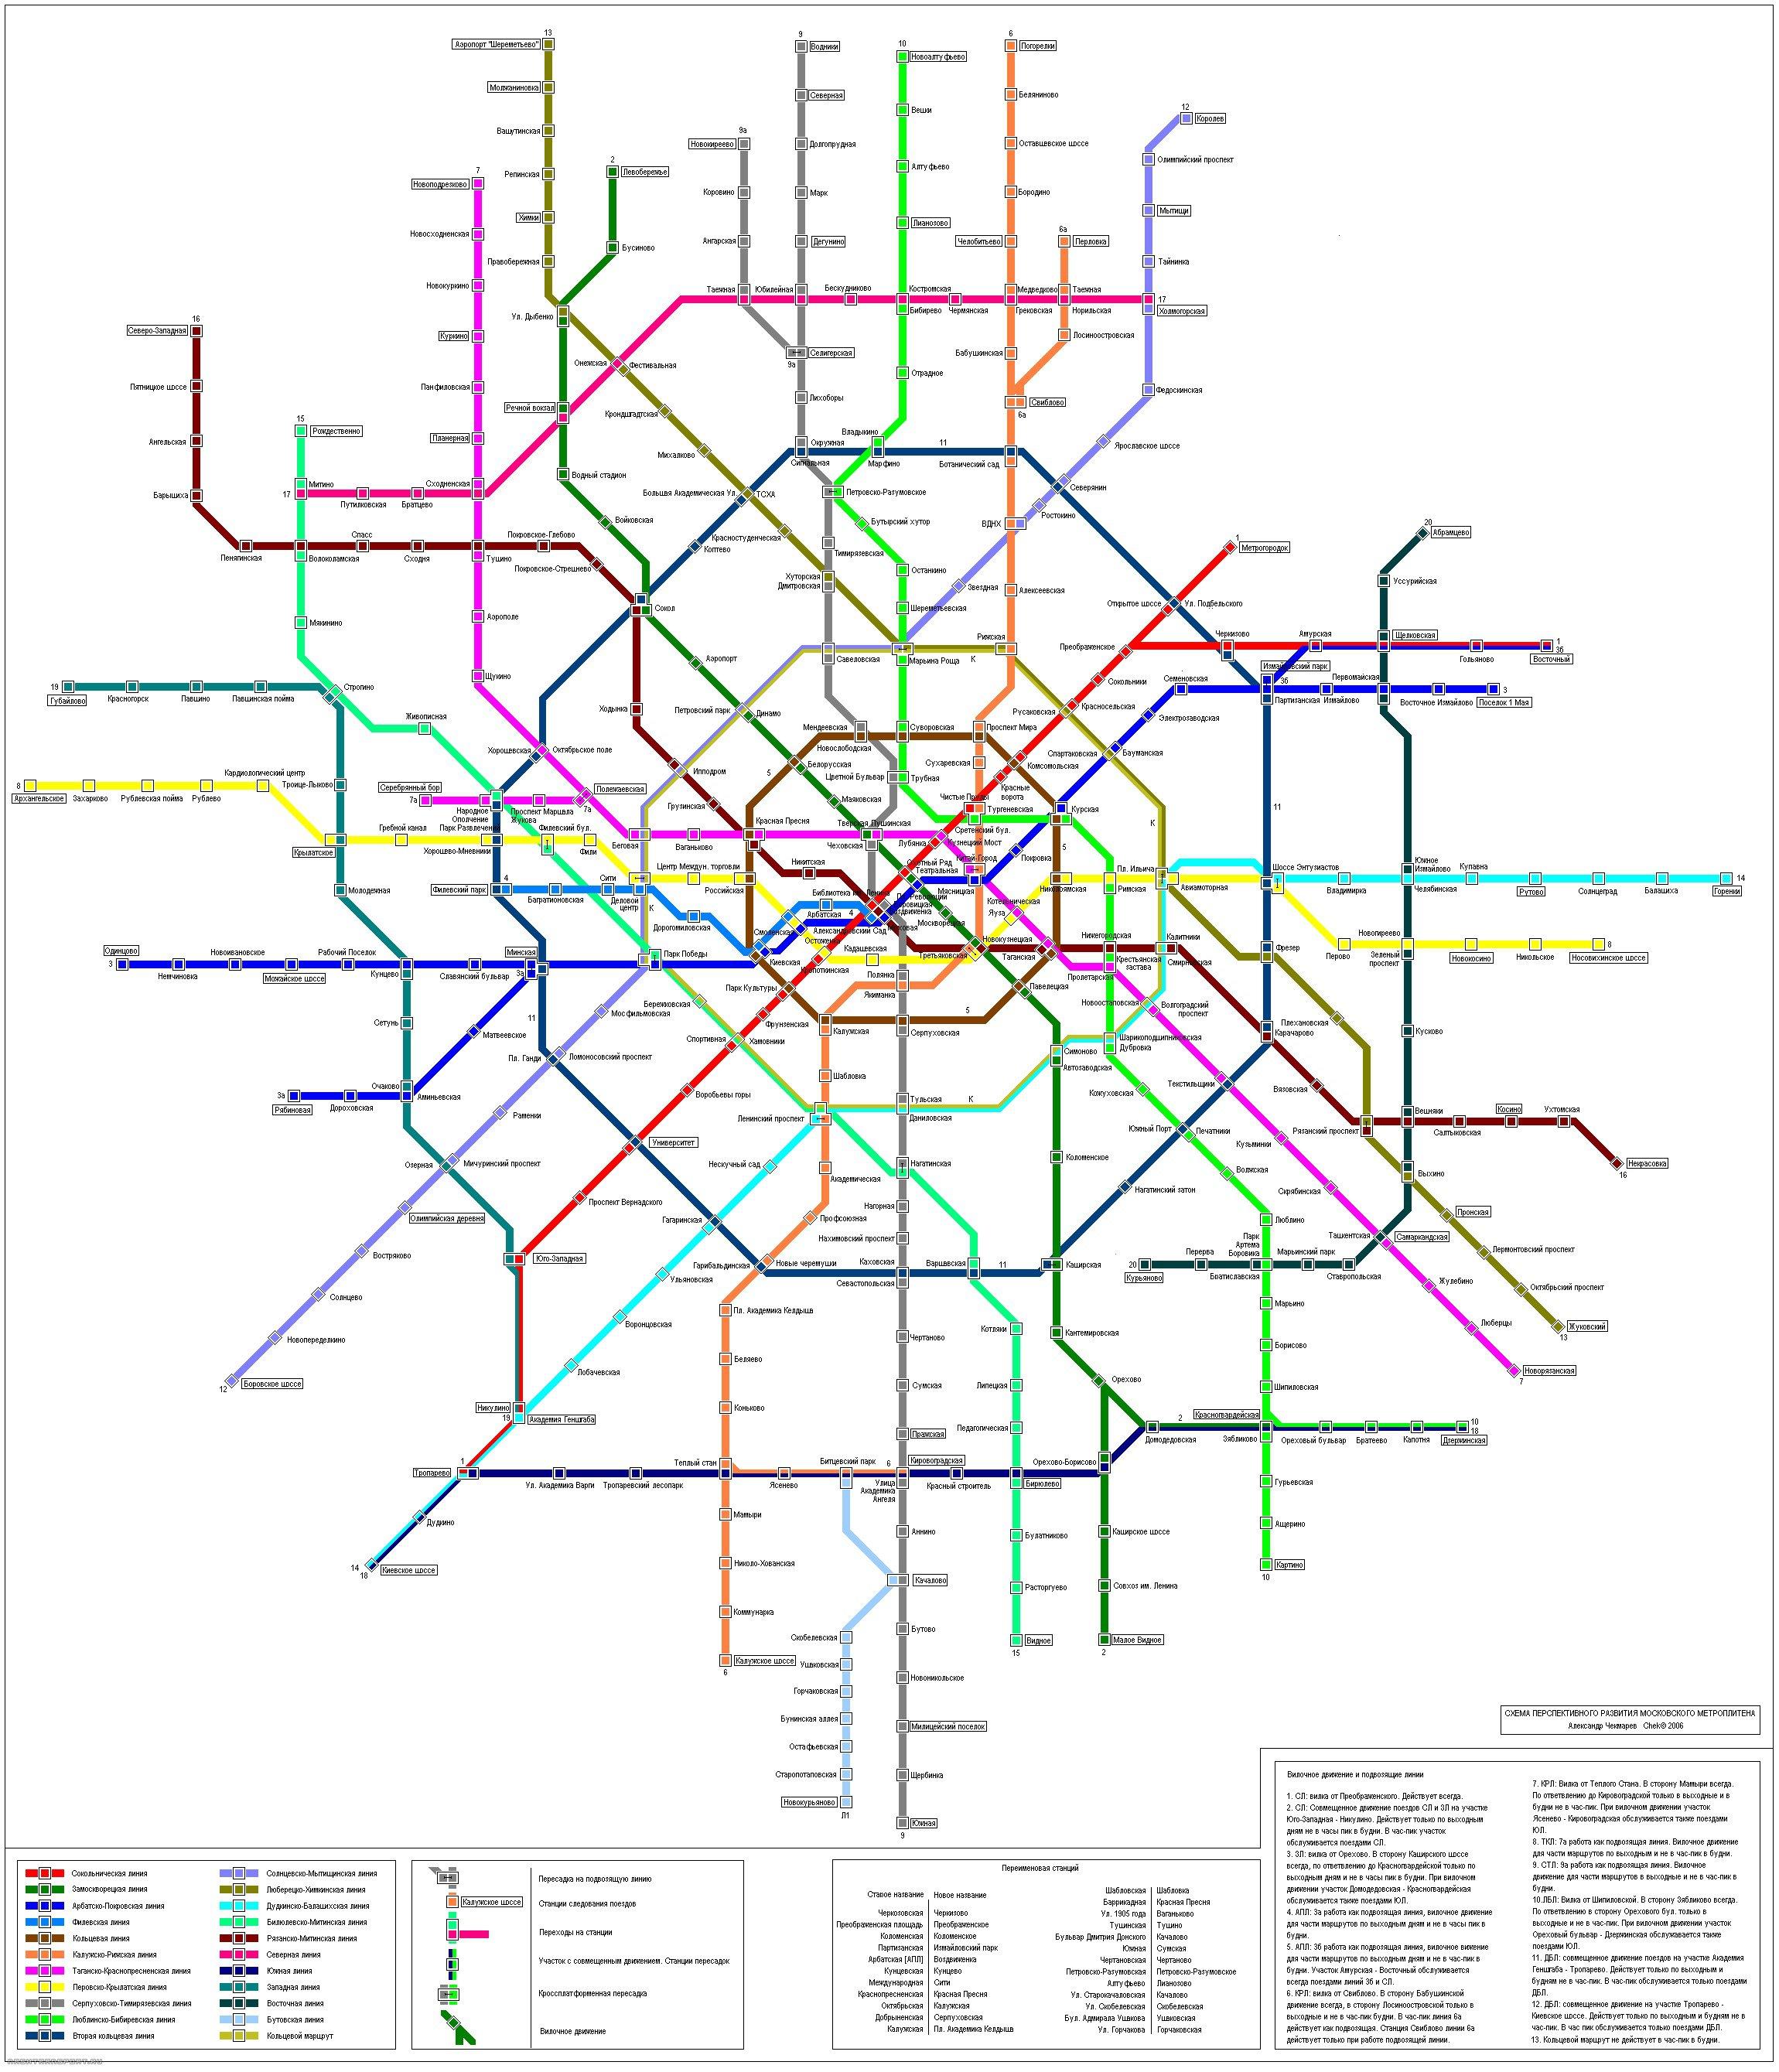 перспективная схема метро москвы до 2030 года